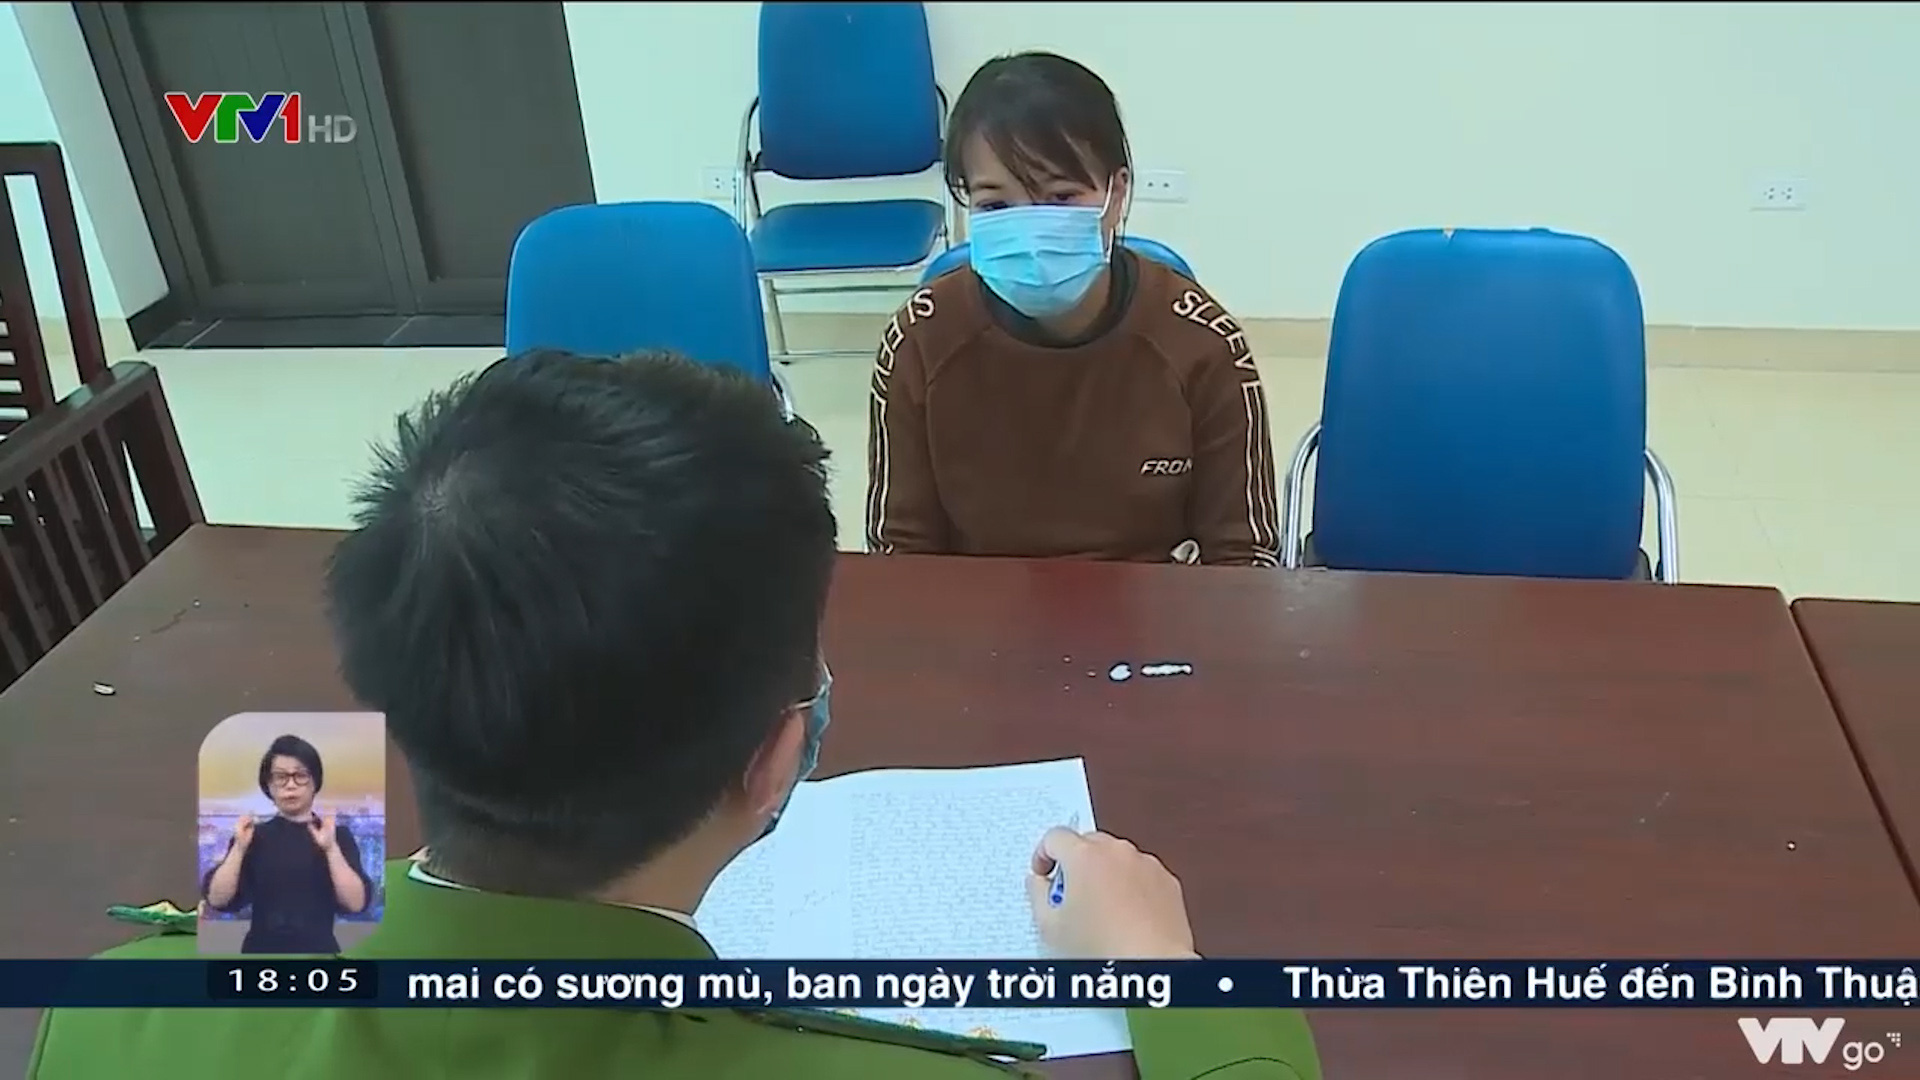 Lời khai man rợ của kẻ hãm hiếp bé 12 tuổi tại Hà Đông - Ảnh 3.